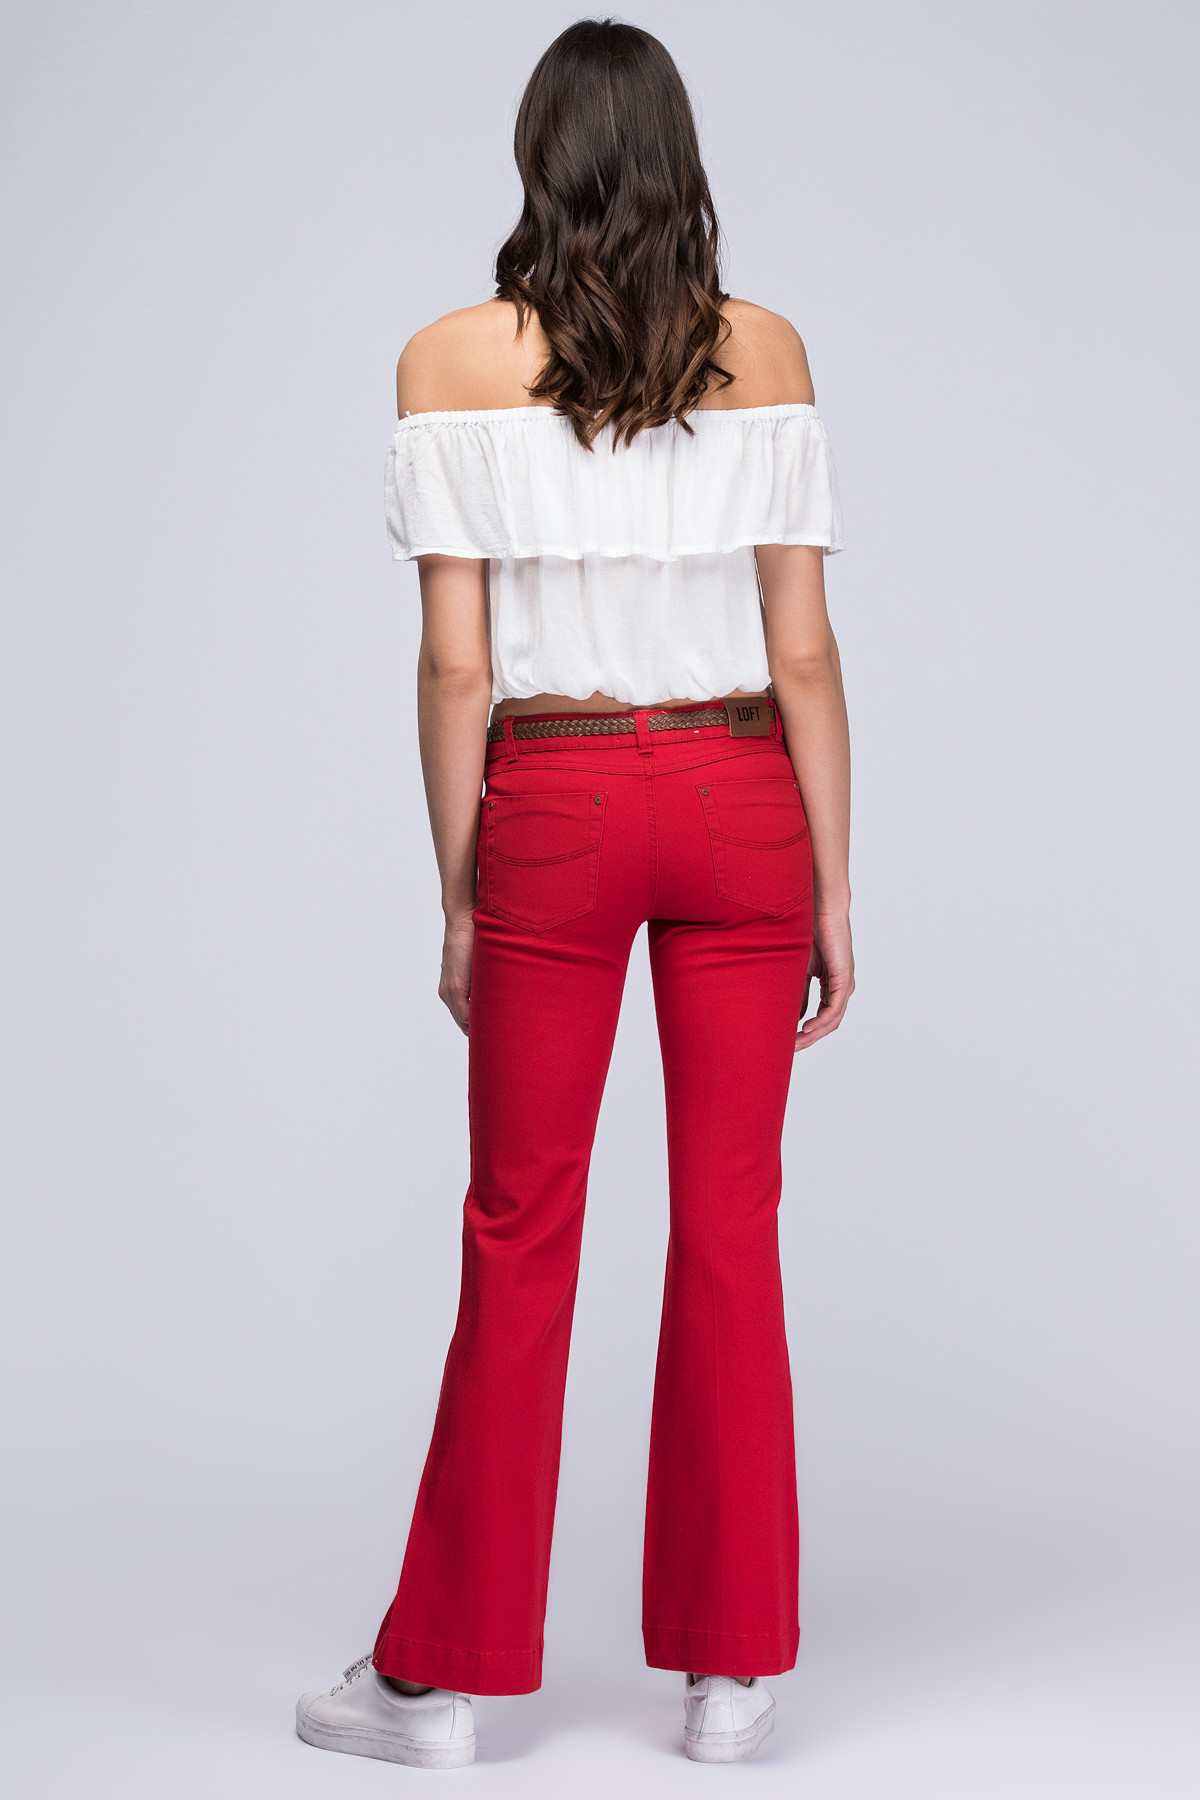 Loft Kadın Pantolon LFBWNWPNT0321200 2